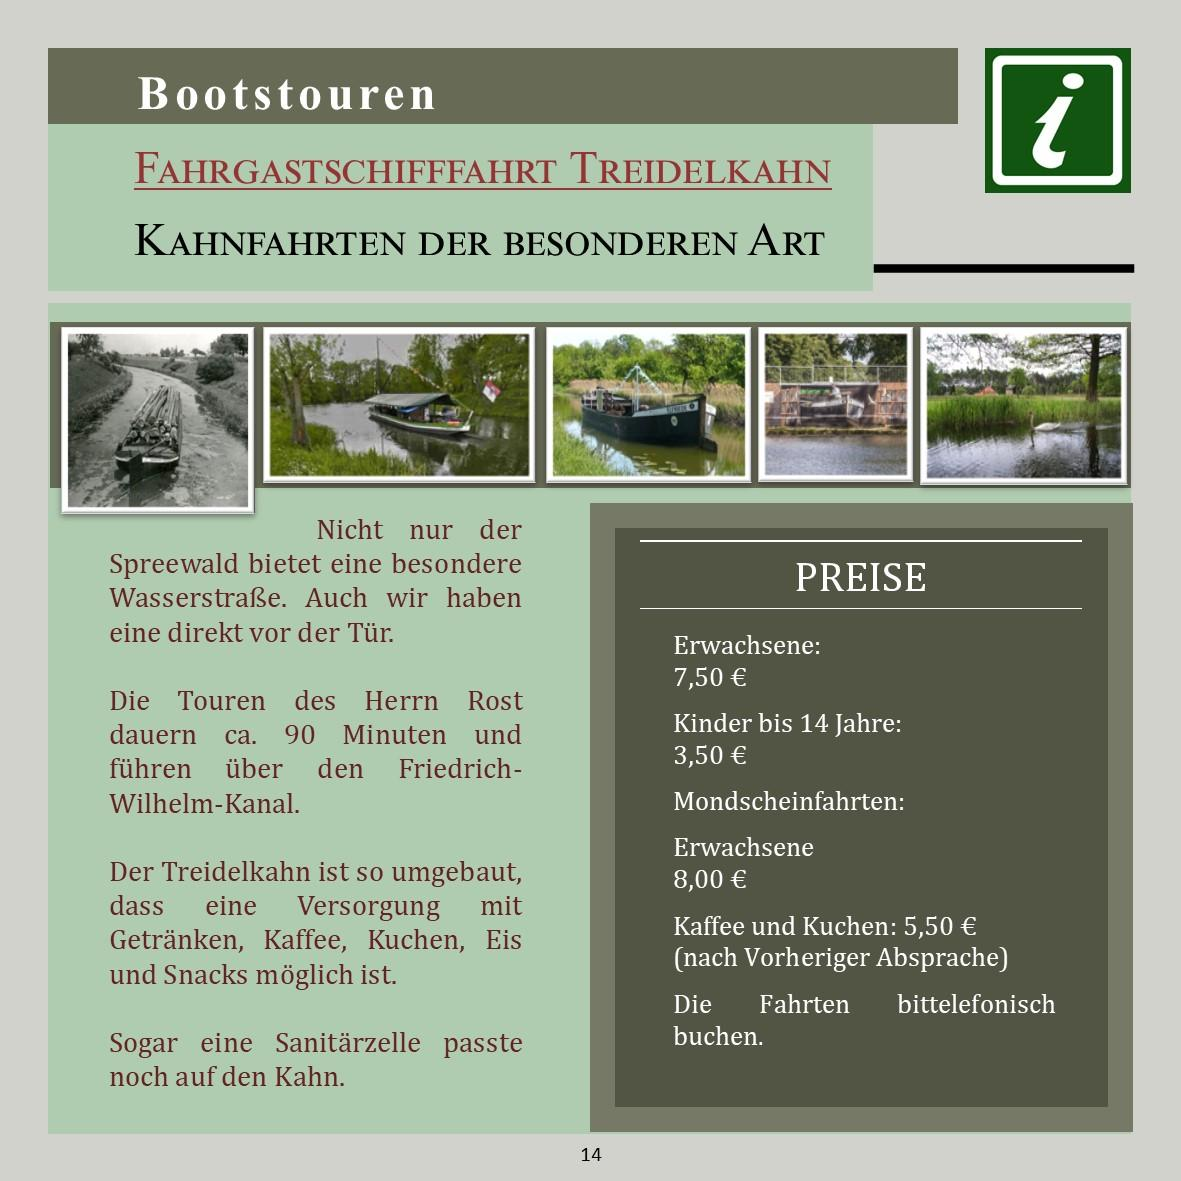 06_Broschüren_Wander_Rad_Bootstouren14